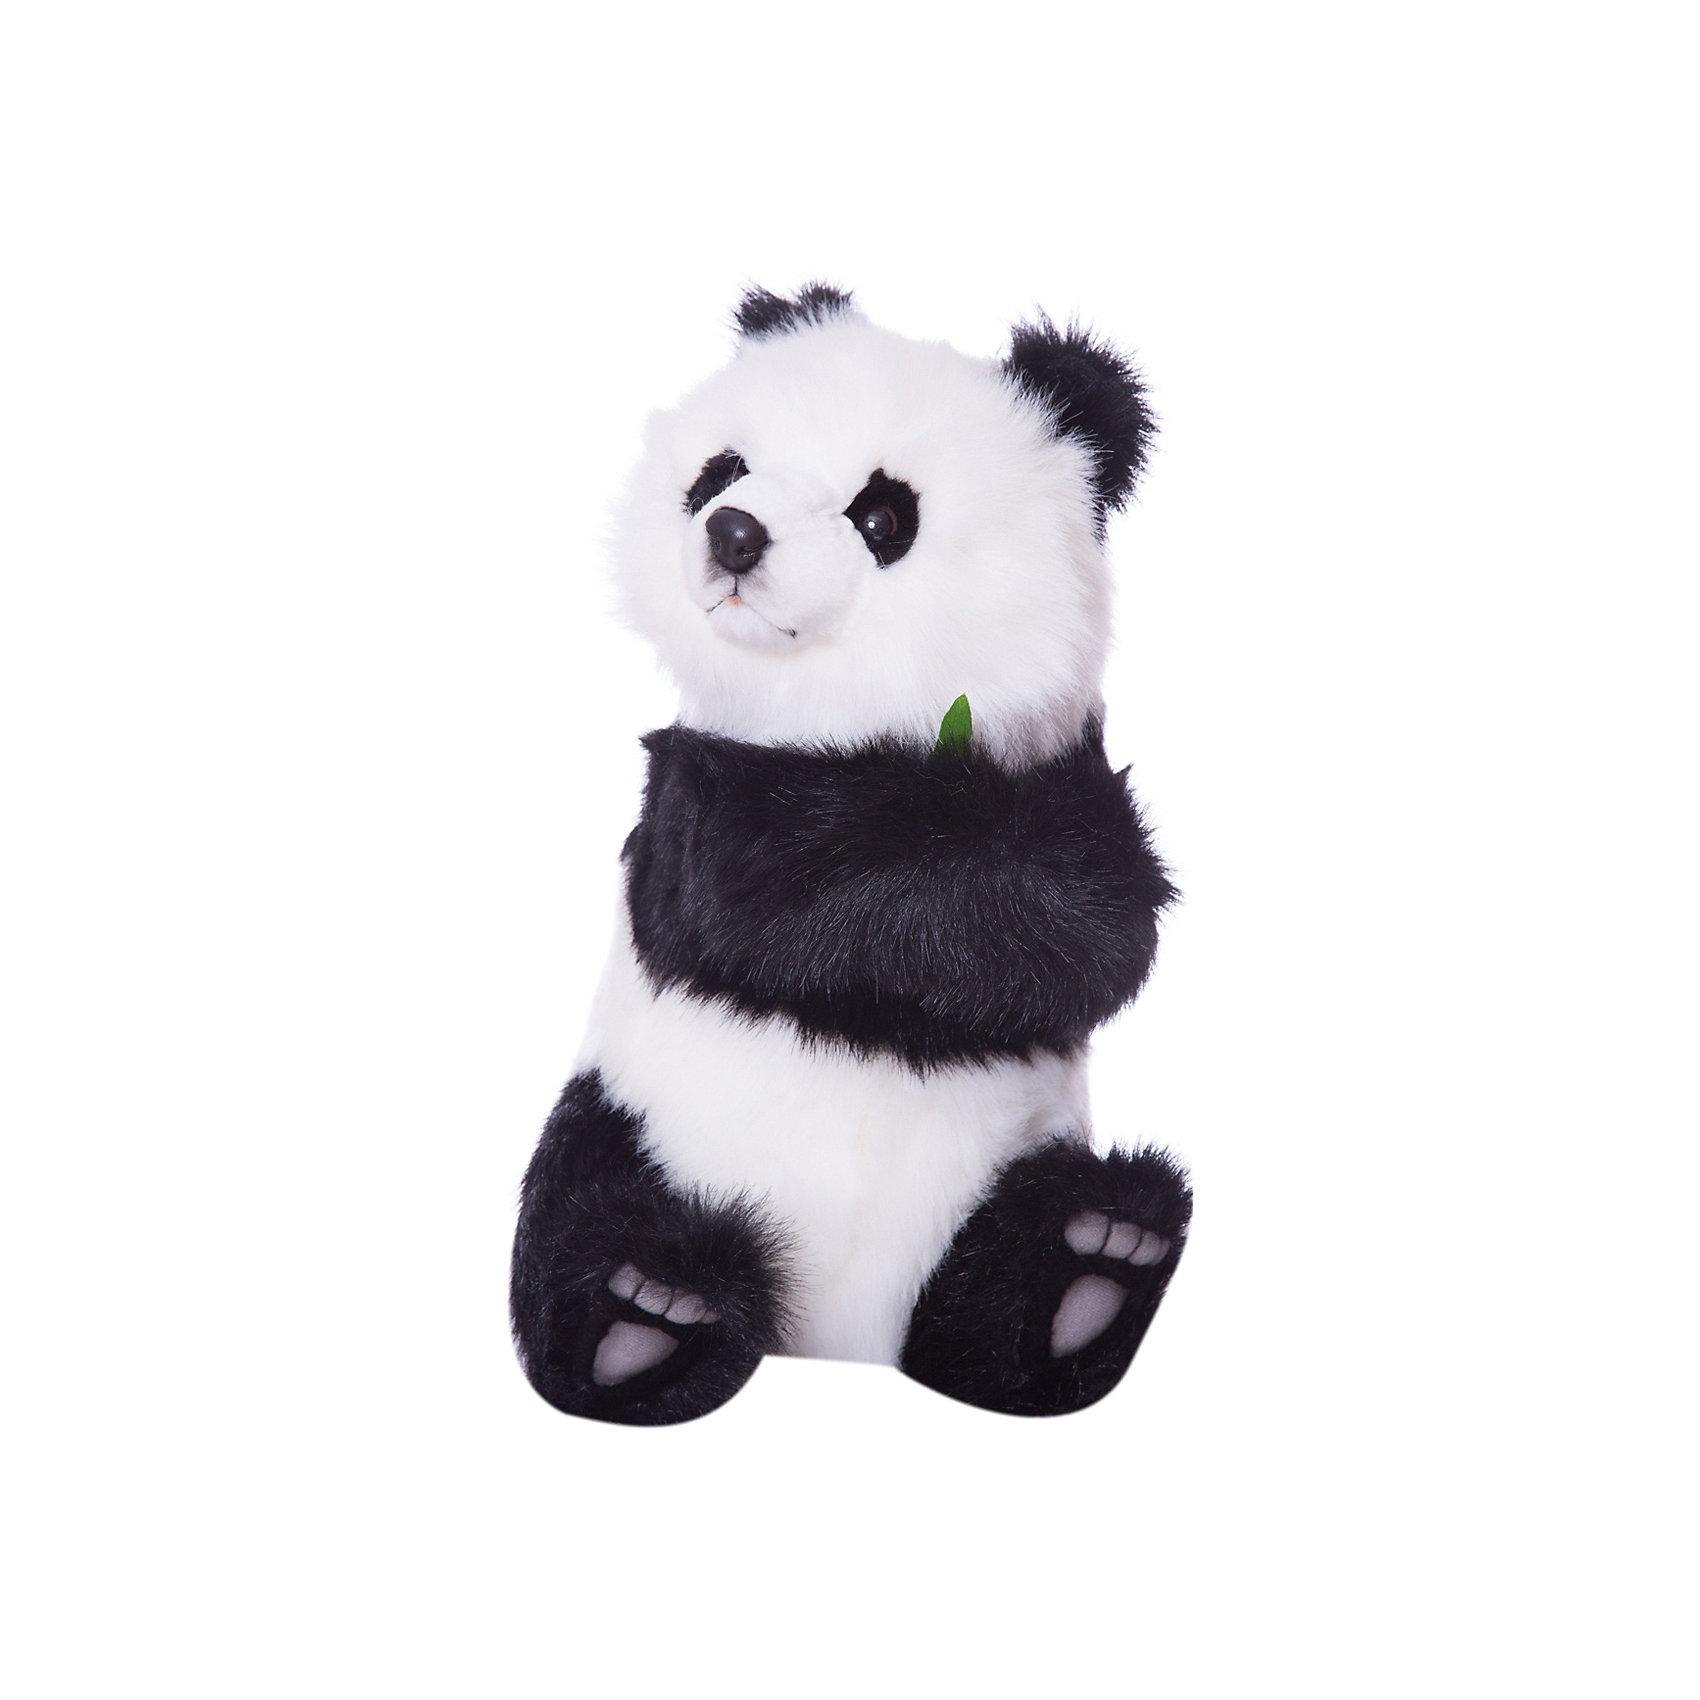 Детеныш панды, сидящий, 41 смМягкие игрушки животные<br>Детеныш панды,  41 см – игрушка от знаменитого бренда Hansa, специализирующегося на выпуске мягких игрушек с высокой степенью натуралистичности. Внешний вид игрушечной панды полностью соответствует реальному прототипу. Она выполнена из искусственного меха черного и белого цветов с длинным ворсом. В лапках детеныш панды держит веточку любимого лакомства – бамбуковые веточки. Использованные материалы обладают гипоаллергенными свойствами. Внутри игрушки имеется металлический каркас, позволяющий изменять положение. <br>Игрушка относится к серии Дикие животные. <br>Мягкие игрушки от Hansa подходят для сюжетно-ролевых игр, для обучающих игр, направленных на знакомство с животным миром дикой природы. Кроме того, их можно использовать в качестве интерьерных игрушек. Коллекция из нескольких игрушек позволяет создать свой домашний зоопарк, который будет радовать вашего ребенка долгое время, так как ручная работа и качественные материалы гарантируют их долговечность и прочность.<br><br>Дополнительная информация:<br><br>- Вид игр: сюжетно-ролевые игры, коллекционирование, интерьерные игрушки<br>- Предназначение: для дома, для детских развивающих центров, для детских садов<br>- Материал: искусственный мех, наполнитель ? полиэфирное волокно<br>- Размер (ДхШхВ): 41*27*30 см<br>- Вес: 1 кг 270 г<br>- Особенности ухода: сухая чистка при помощи пылесоса или щетки для одежды<br><br>Подробнее:<br><br>• Для детей в возрасте: от 3 лет <br>• Страна производитель: Филиппины<br>• Торговый бренд: Hansa<br><br>Детеныша панды,  41 см можно купить в нашем интернет-магазине.<br><br>Ширина мм: 41<br>Глубина мм: 27<br>Высота мм: 30<br>Вес г: 1270<br>Возраст от месяцев: 36<br>Возраст до месяцев: 2147483647<br>Пол: Унисекс<br>Возраст: Детский<br>SKU: 4927181